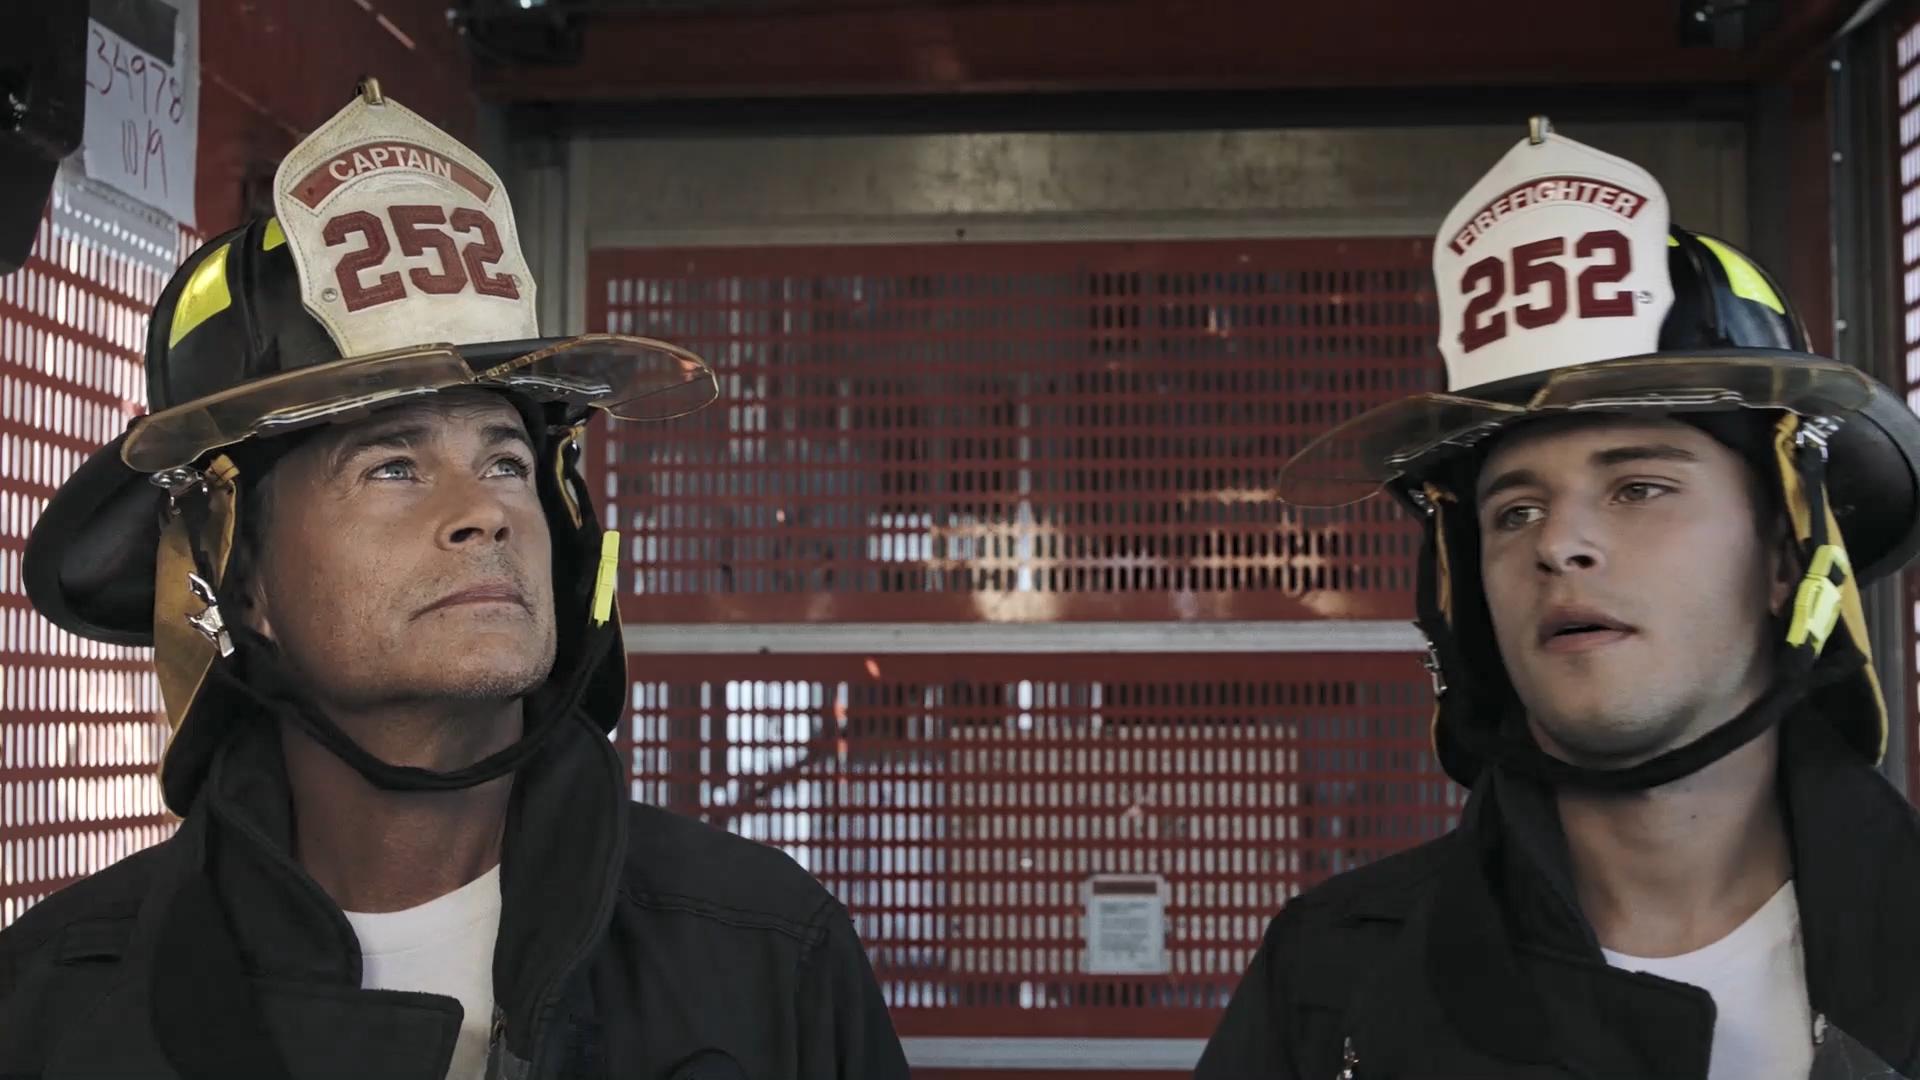 Изображение для 911: Одинокая звезда / 9-1-1: Lone Star, Сезон 1, Серия 1-10 из 10 (2020) WEB-DLRip 1080p (кликните для просмотра полного изображения)